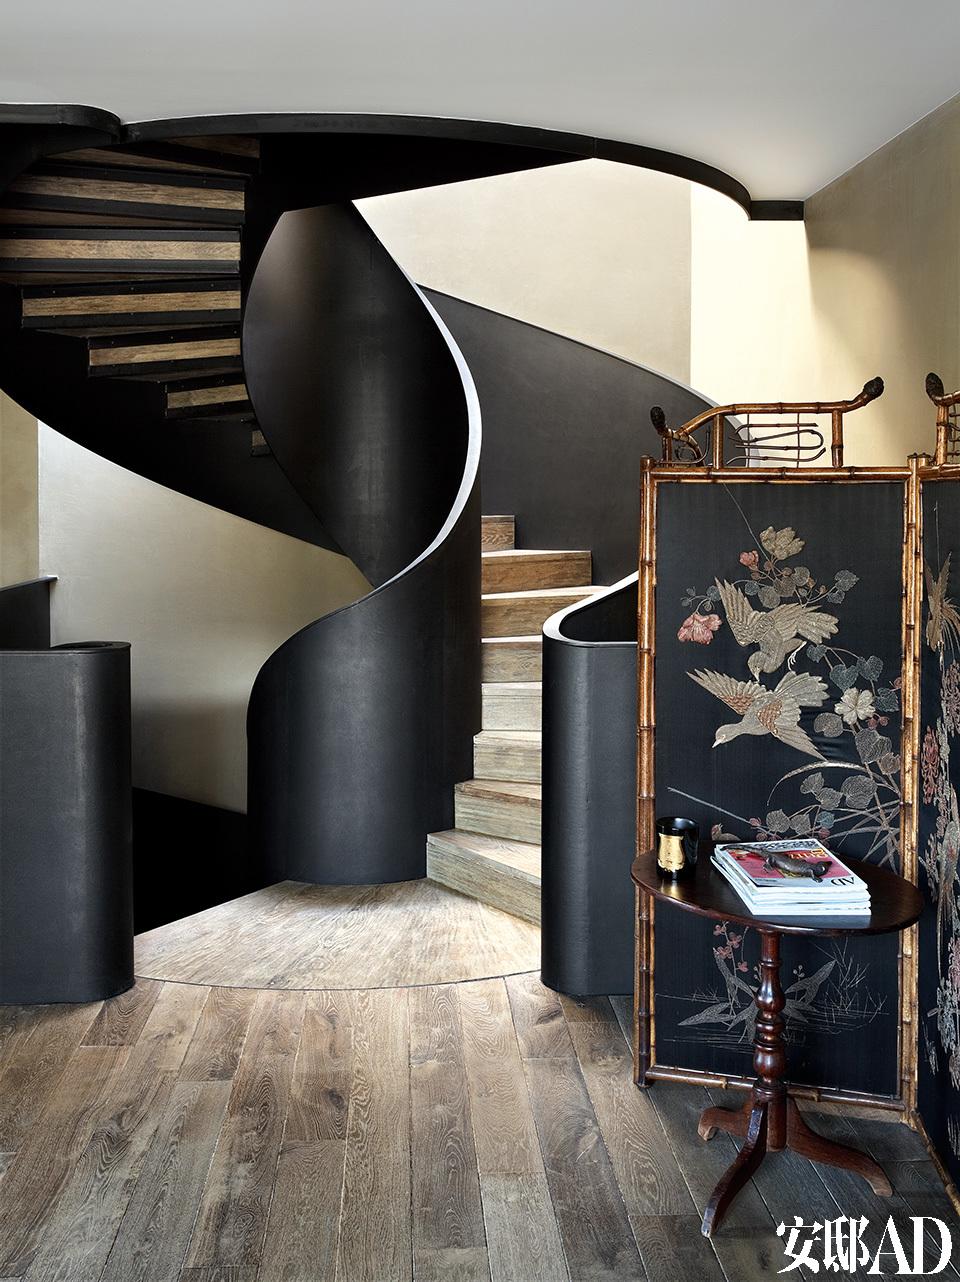 中式屏风好似神来之笔,恭敬地站在大门口楼梯入口处,欢迎着走进家里的每一个人。楼梯旁是19世纪东方风情屏风,屏风前的19世纪法式小圆桌为同样风格。